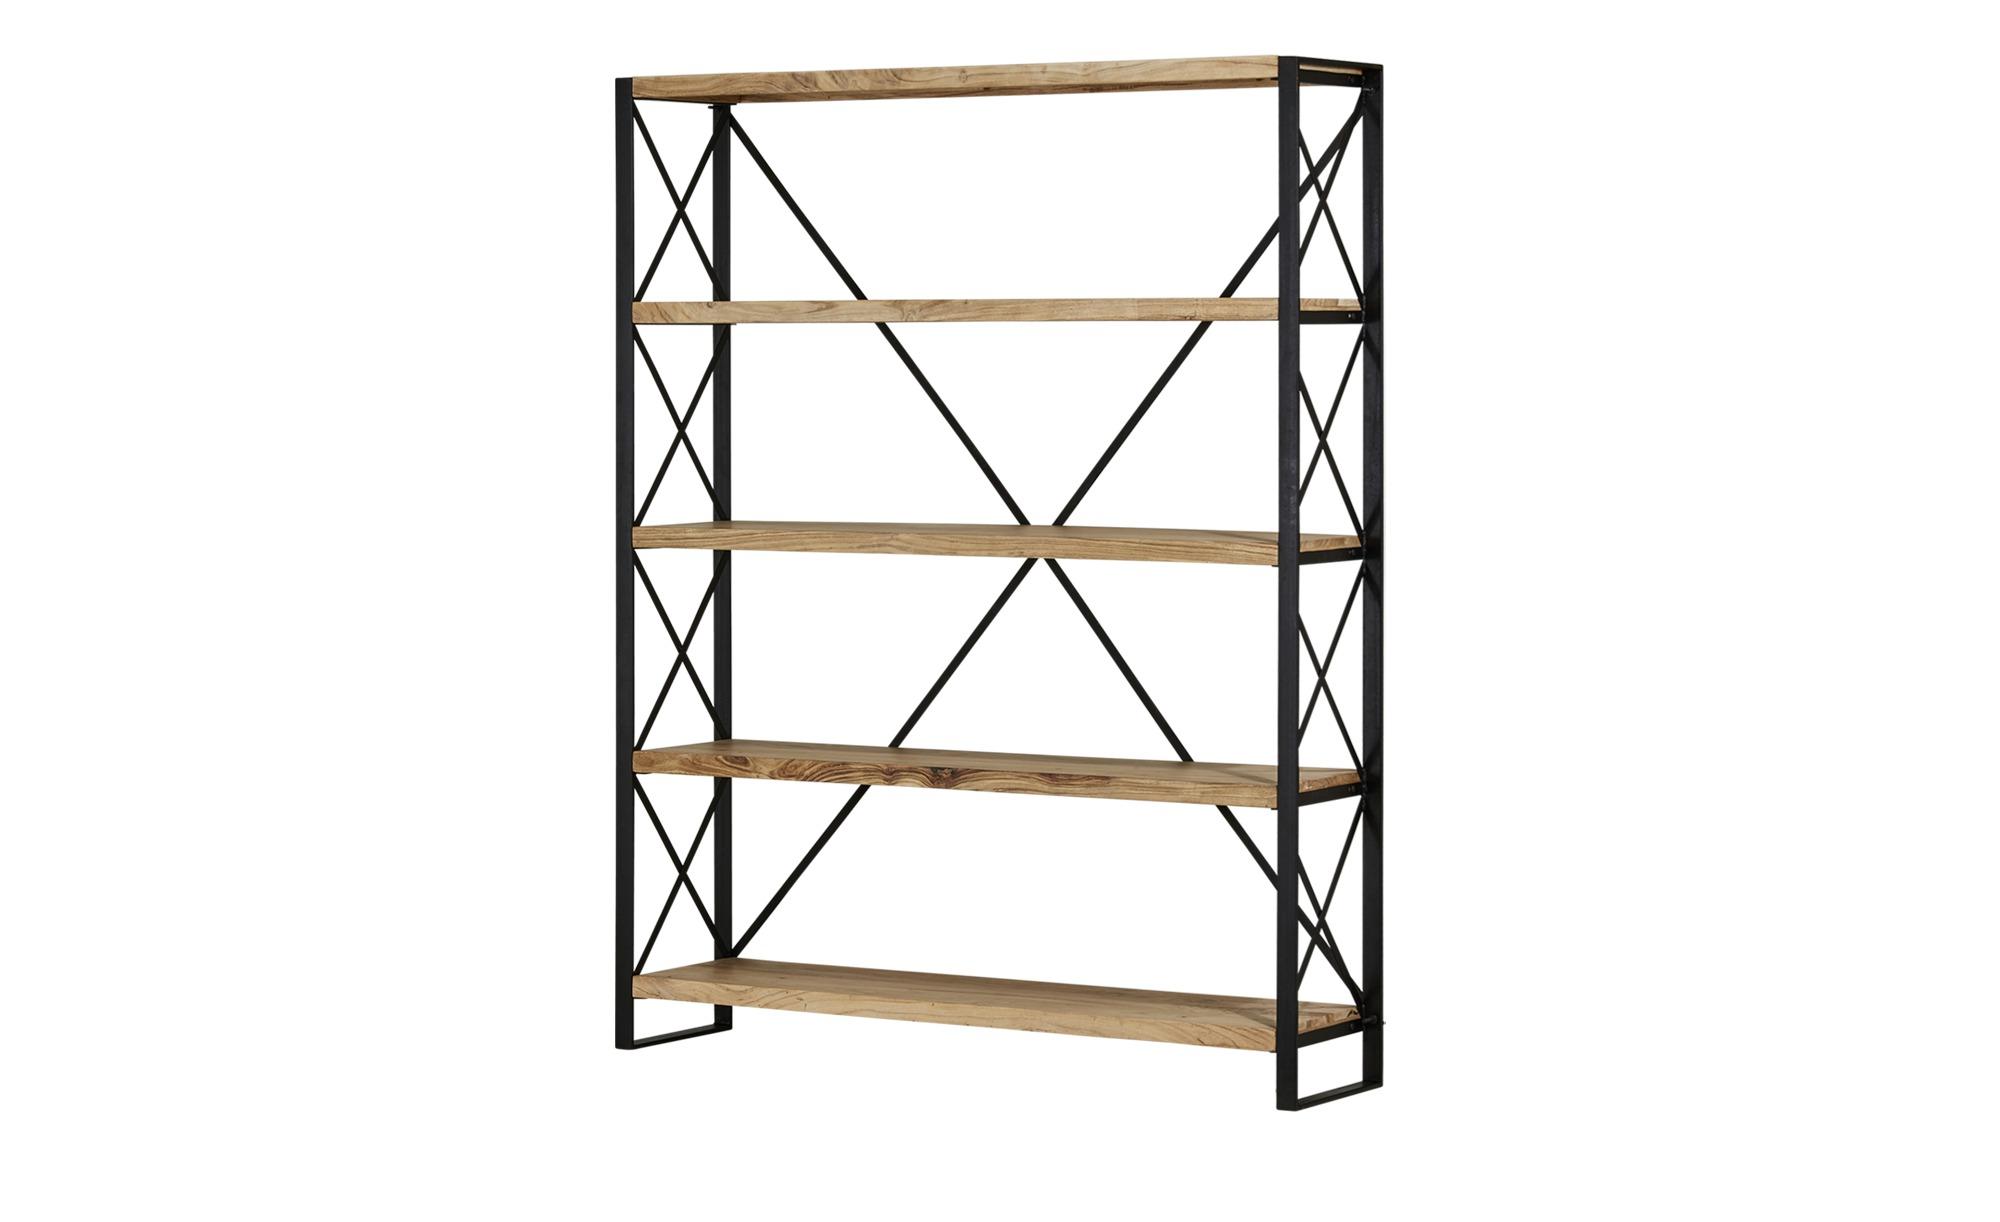 regal queens breite 150 cm h he 190 cm online kaufen bei woonio. Black Bedroom Furniture Sets. Home Design Ideas